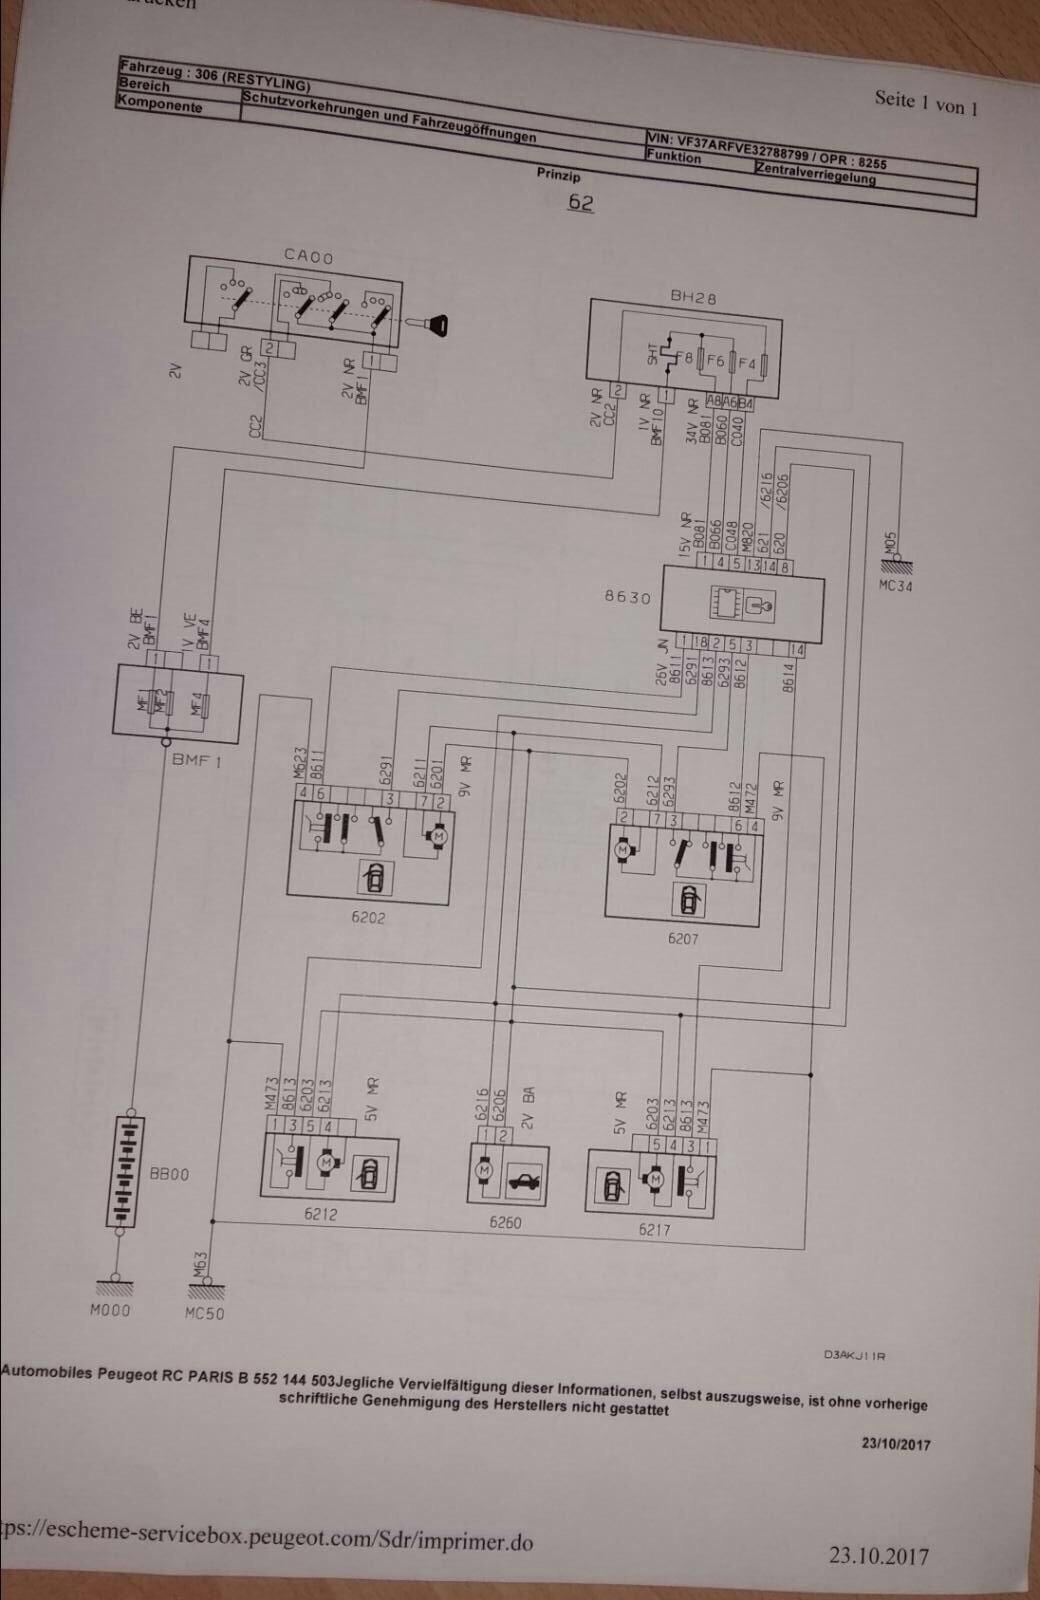 Niedlich Peugeot 106 Schaltplan Bilder - Der Schaltplan ...